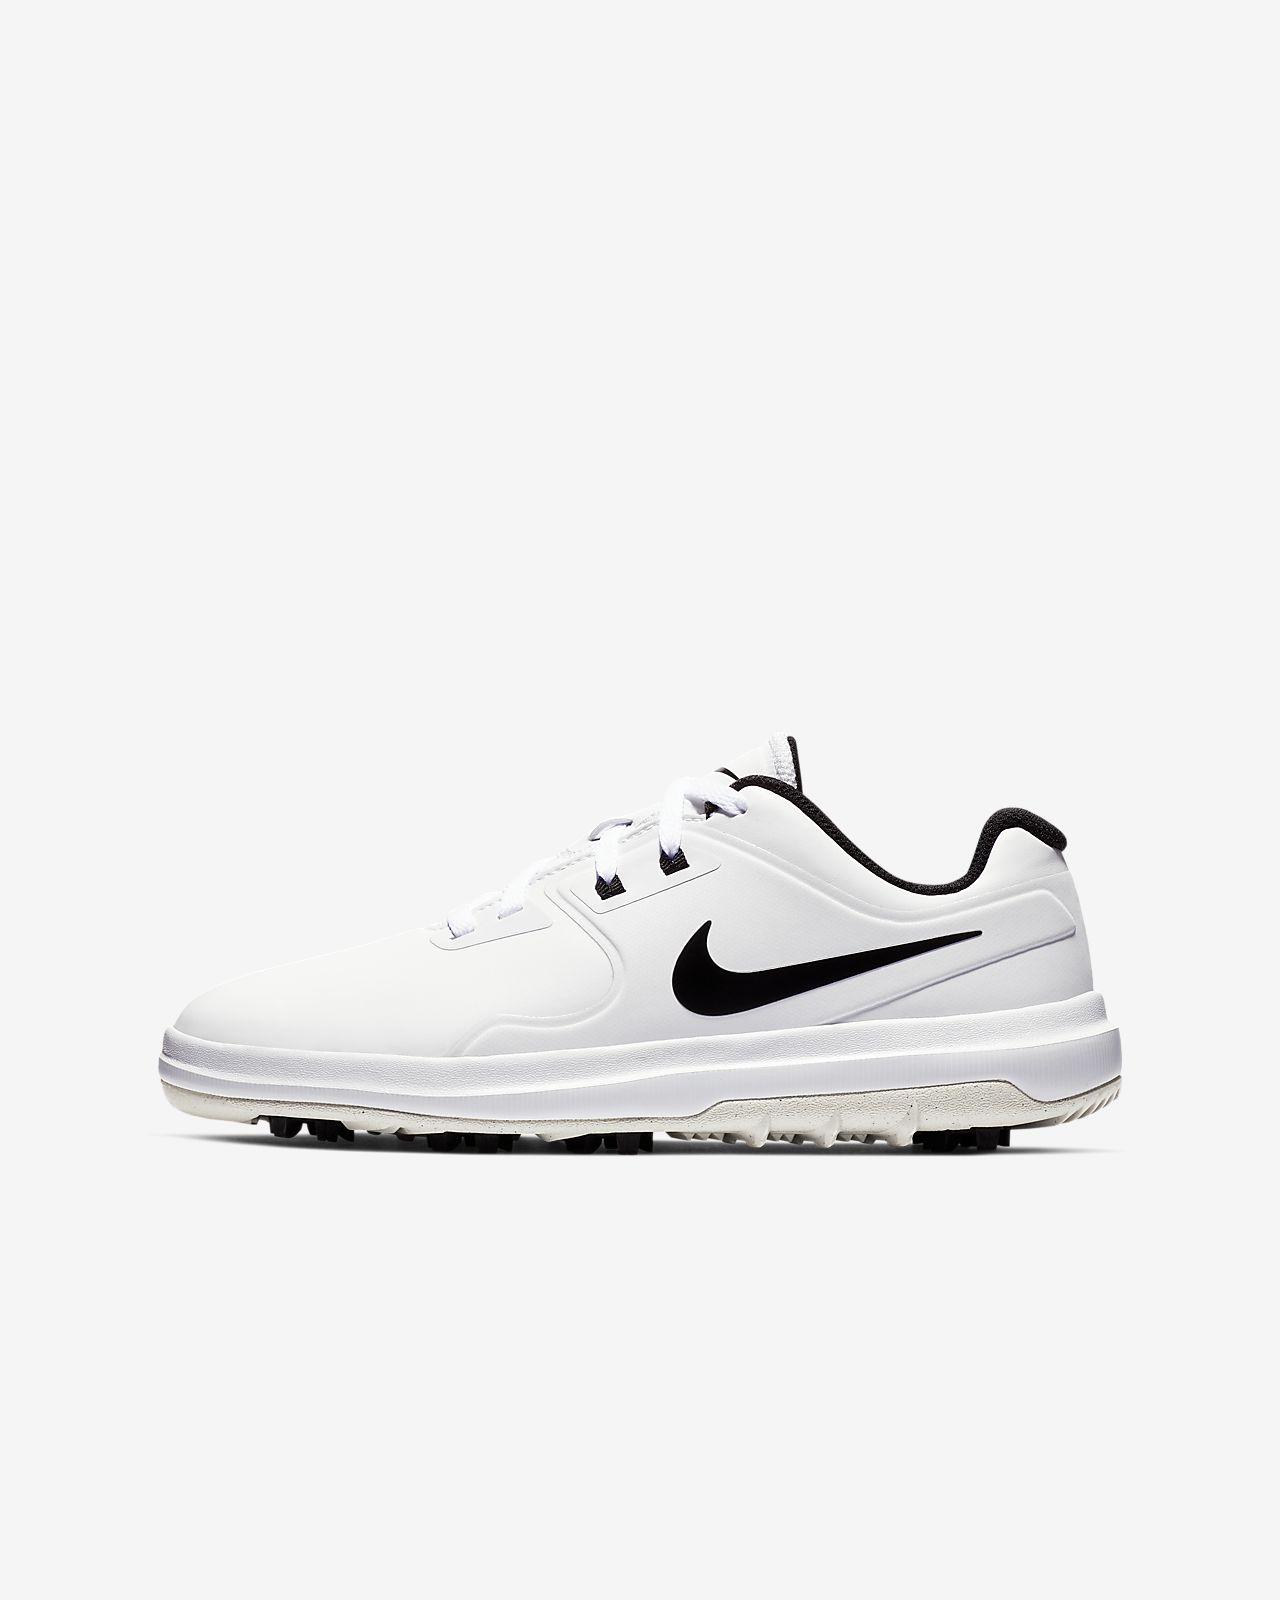 buy online f9013 864a3 ... Chaussure de golf Nike Vapor Pro Jr. pour Jeune enfant Enfant plus âgé